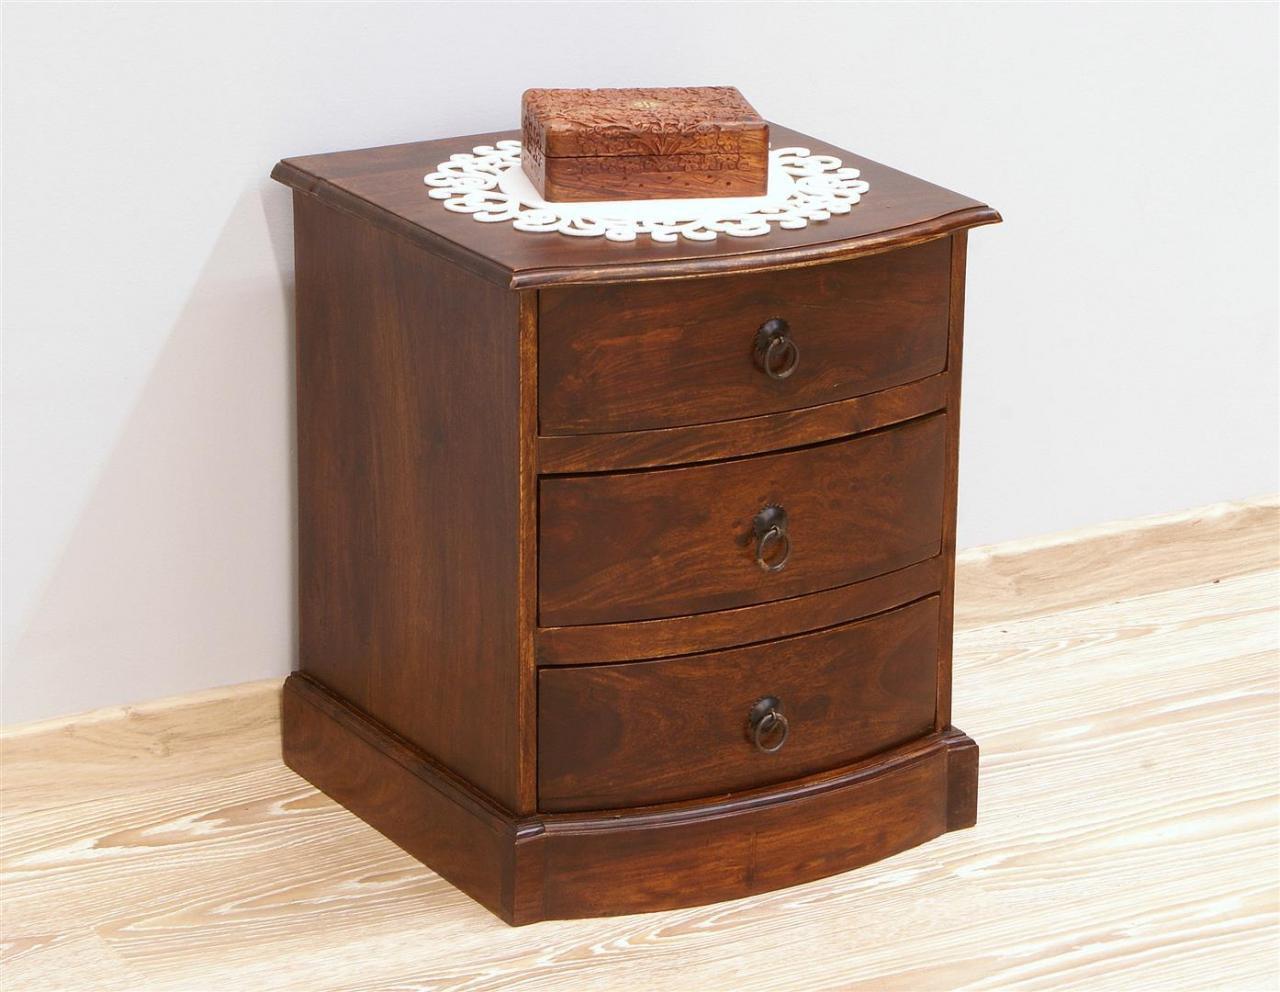 Szafka nocna stolik nocny lite drewno palisander indyjski ciemny brąz 3 szuflady nowoczesna